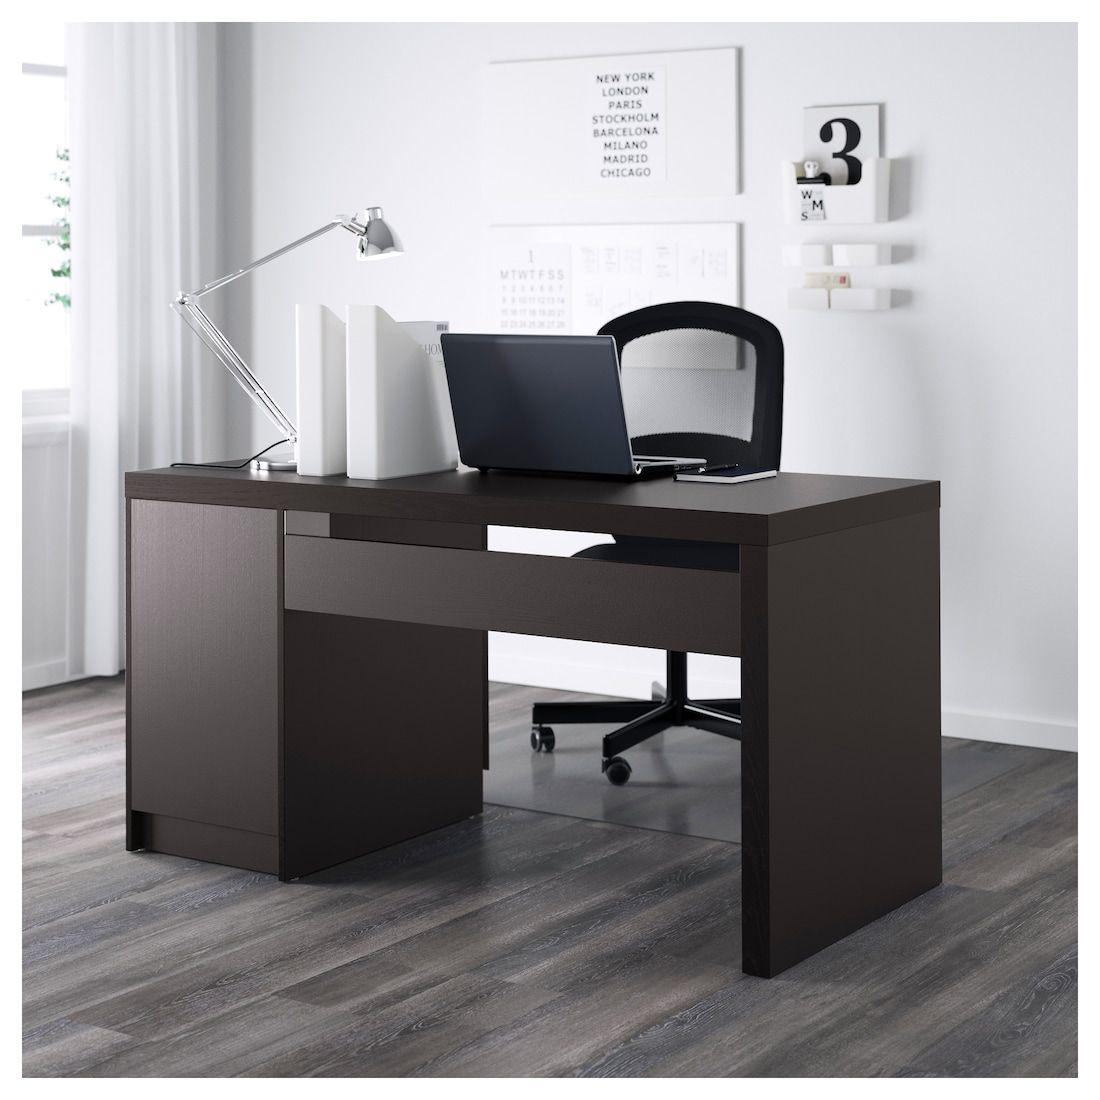 Malm Desk Black Brown 55 1 8x25 5 8 Ikea White Paneling